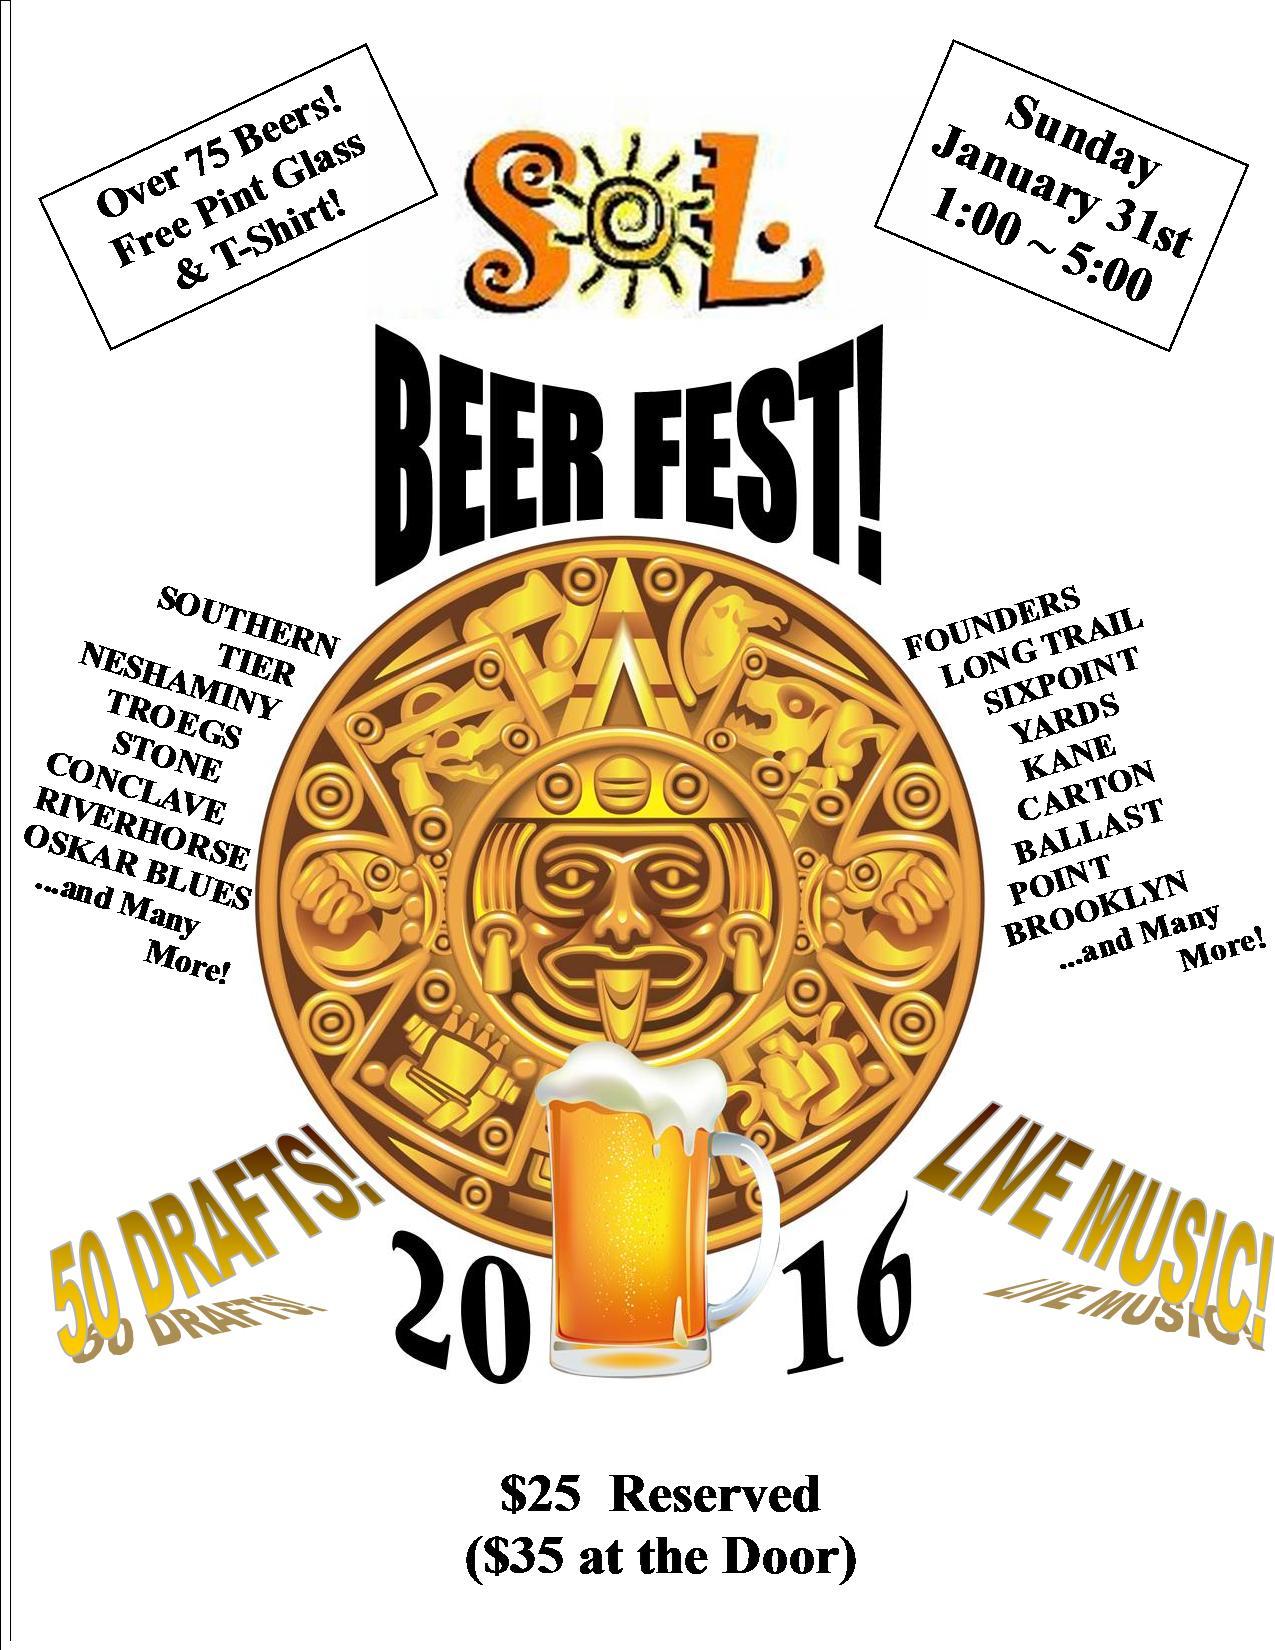 Beer Fest 2016 Flyer.jpg